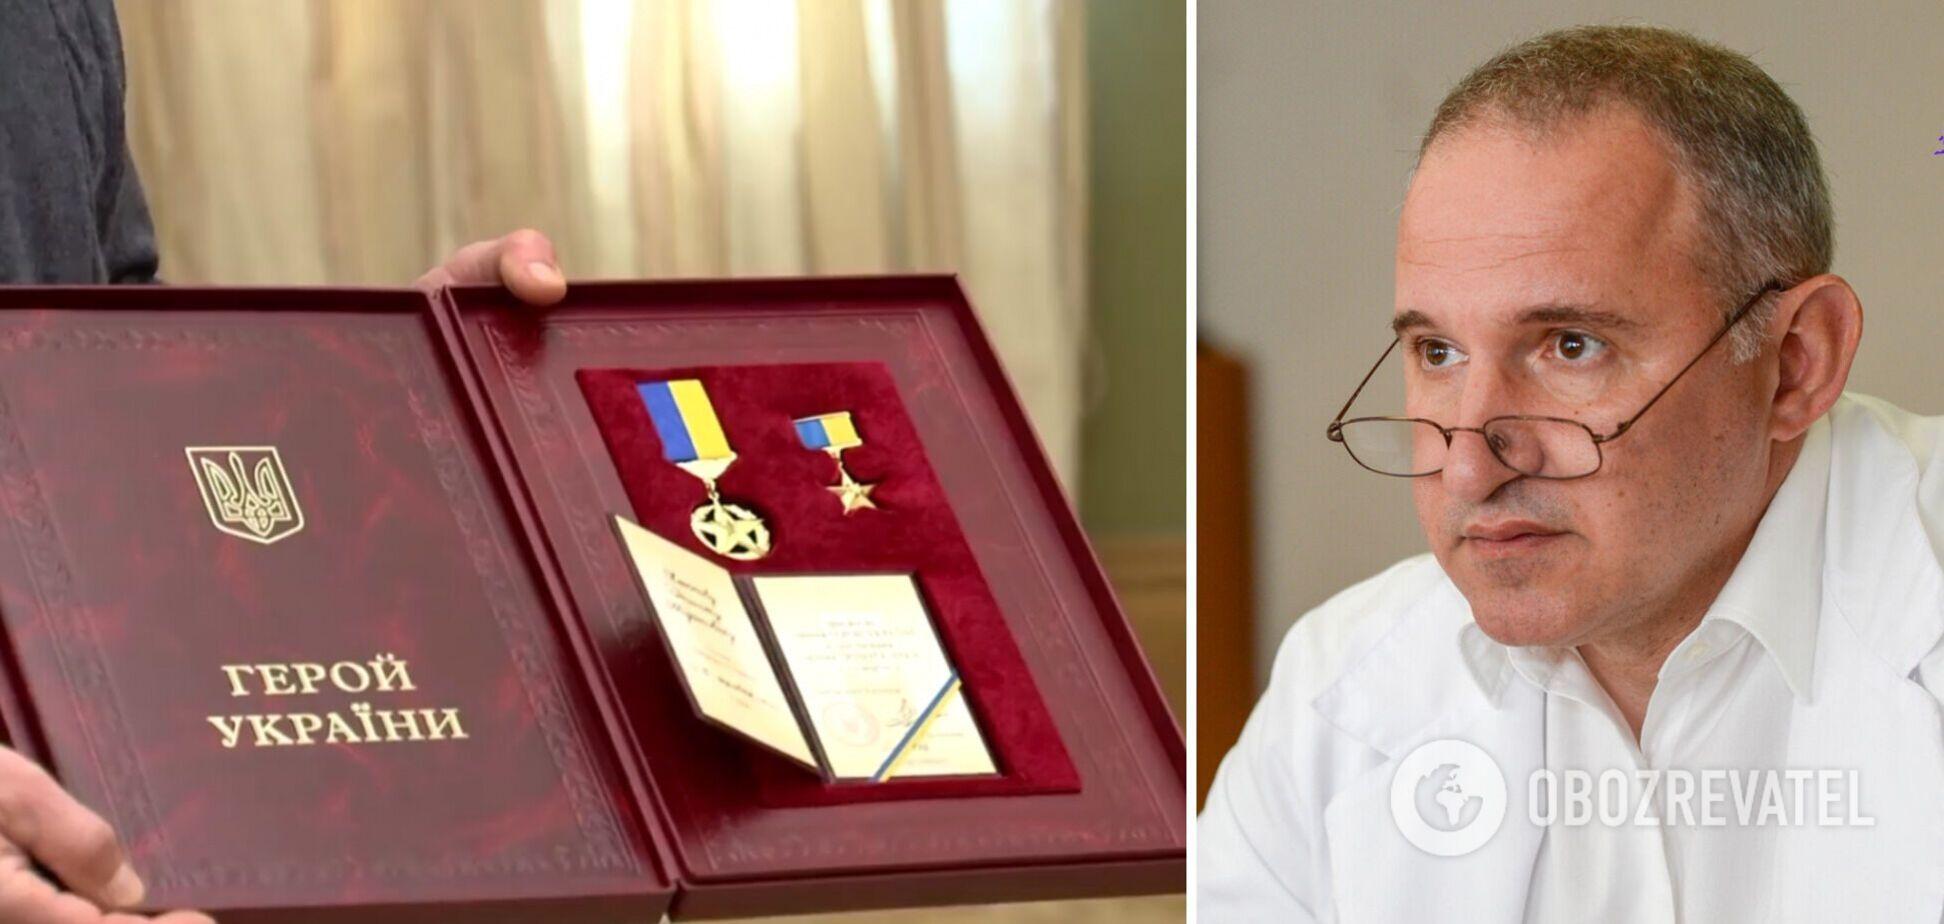 Известные украинцы призвали Зеленского присвоить Тодурову звание Героя Украины